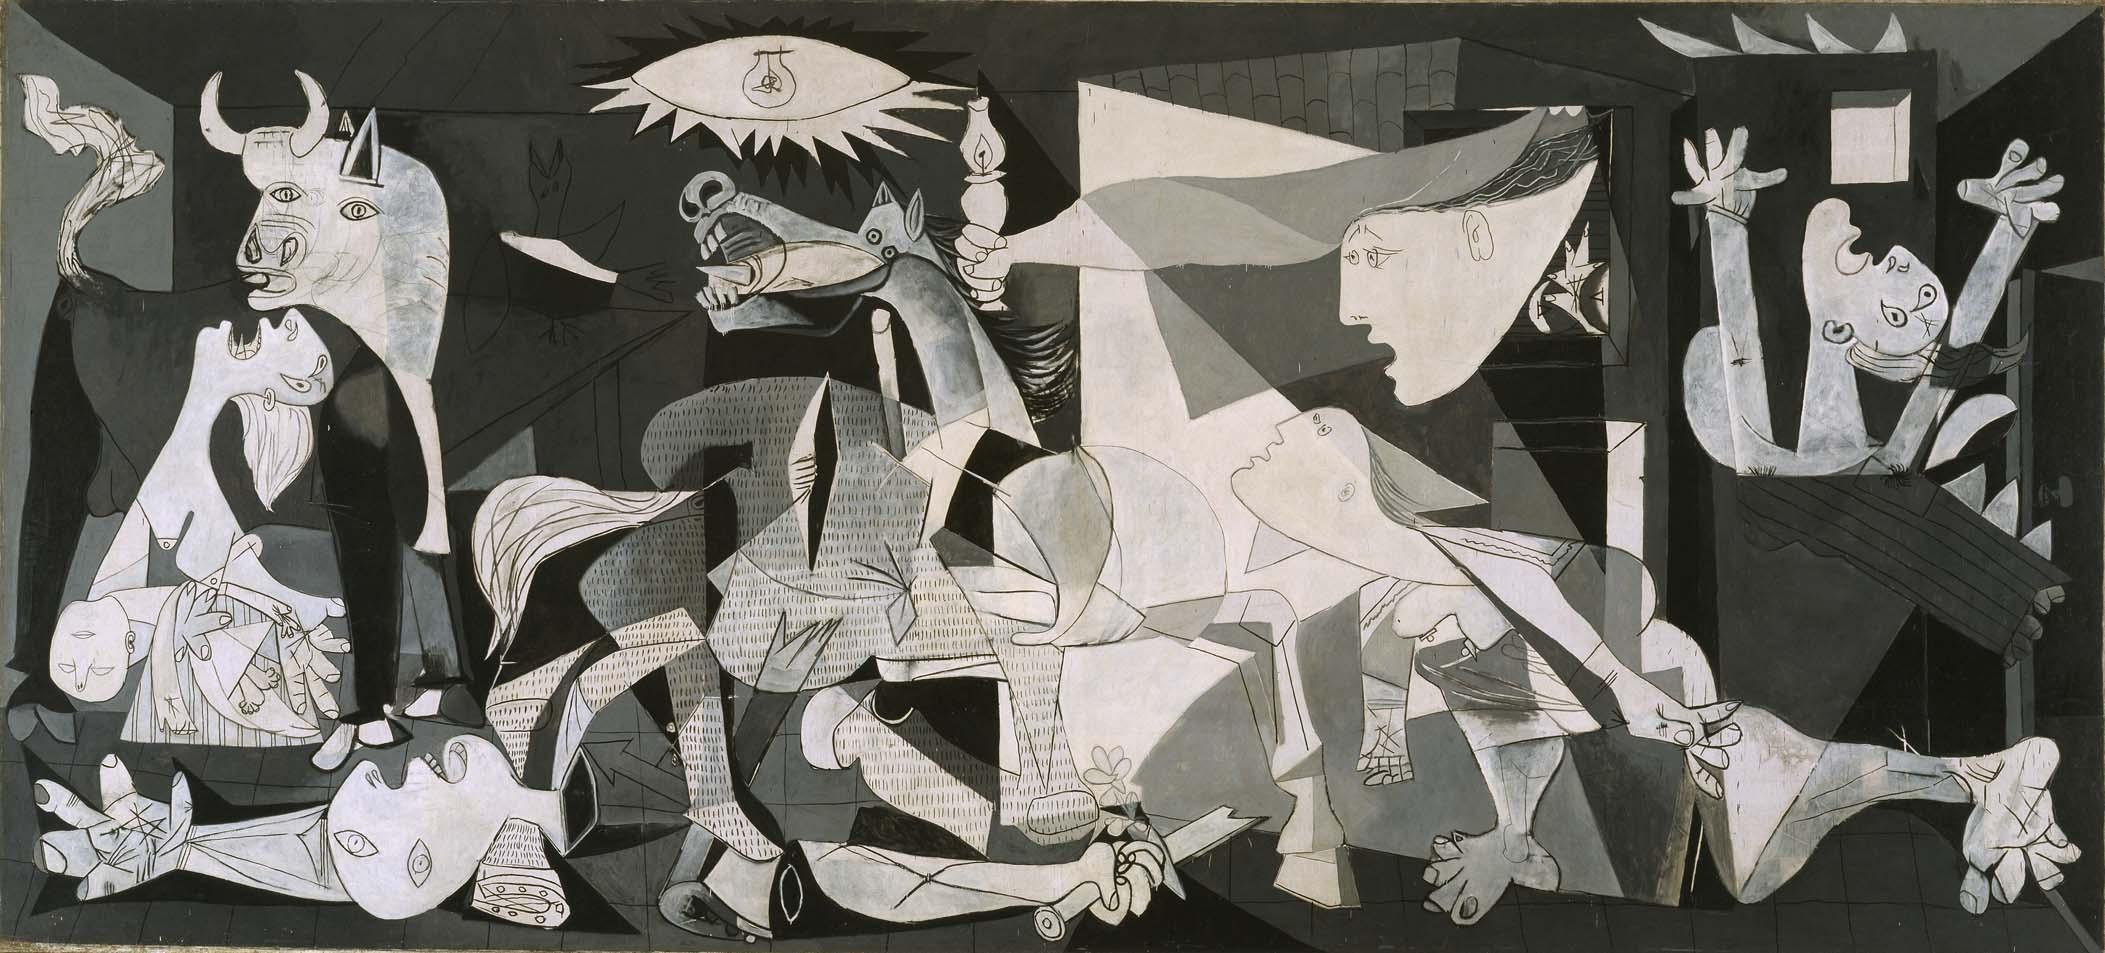 피카소, , 1937, 캔버스에 유화, 국립 소피아 박물관 소장